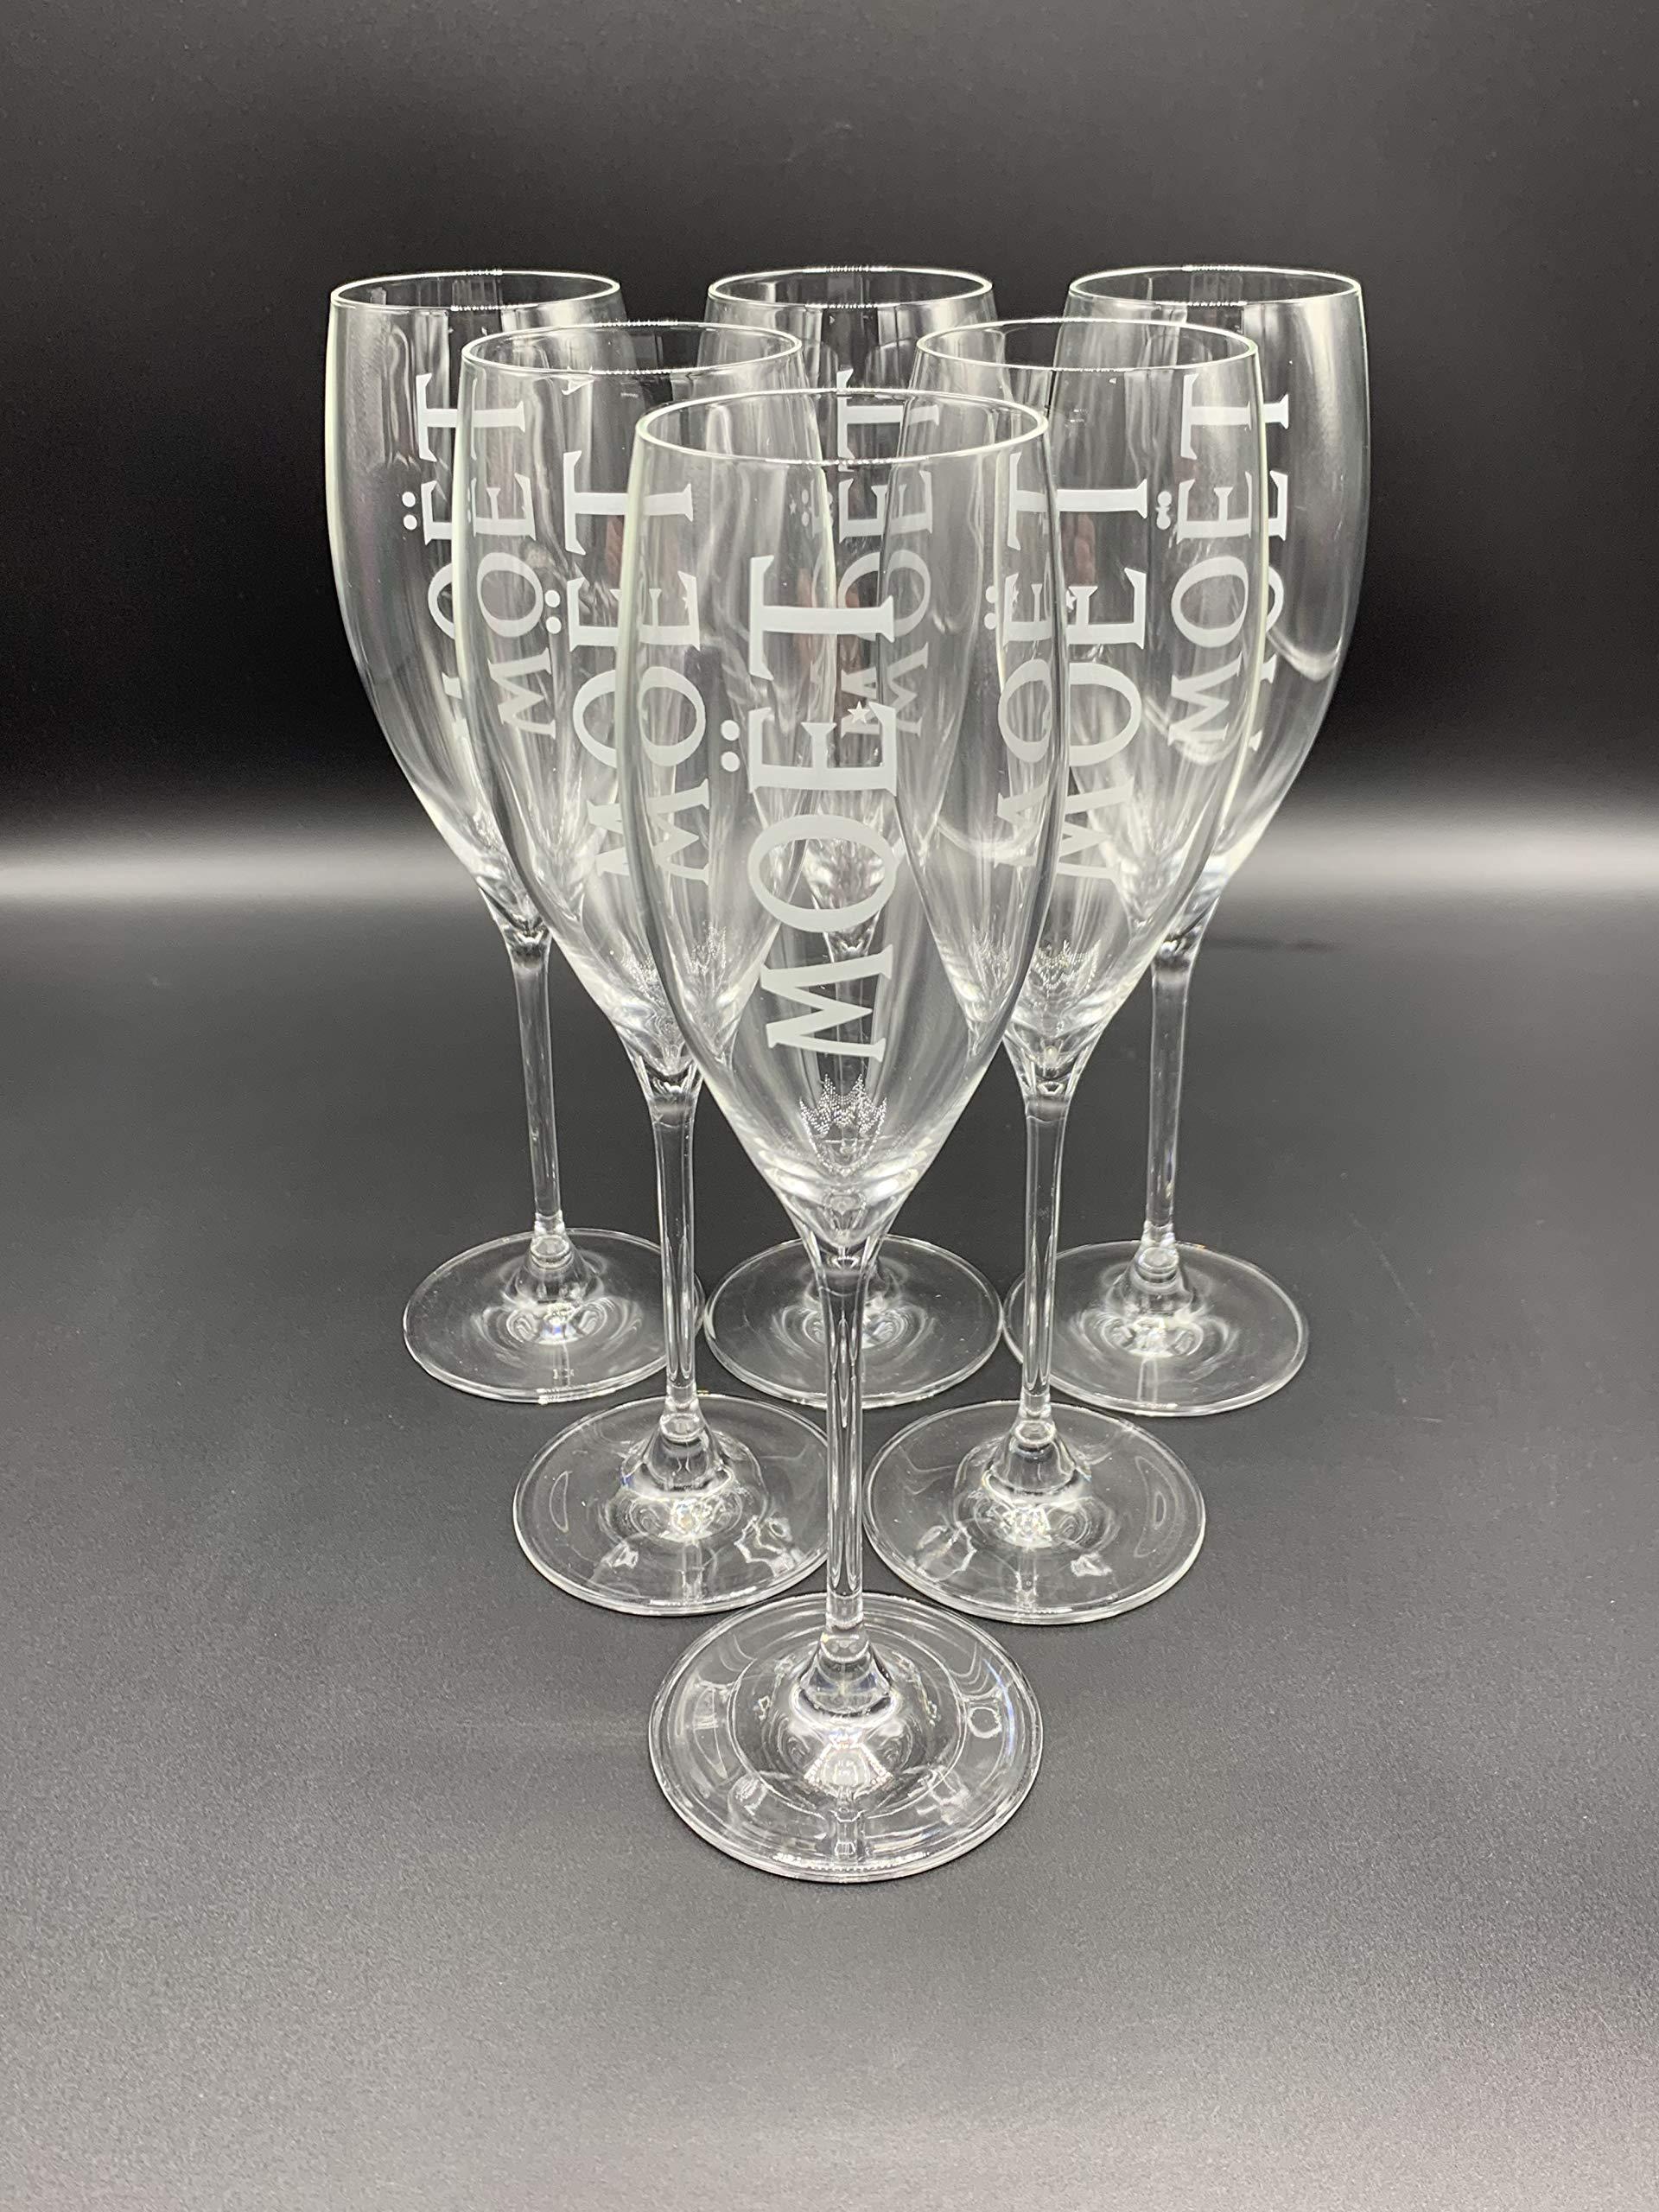 Moet-Chandon-6-x-I-Champagner-Glas-Set-I-Limited-Edition-MOET